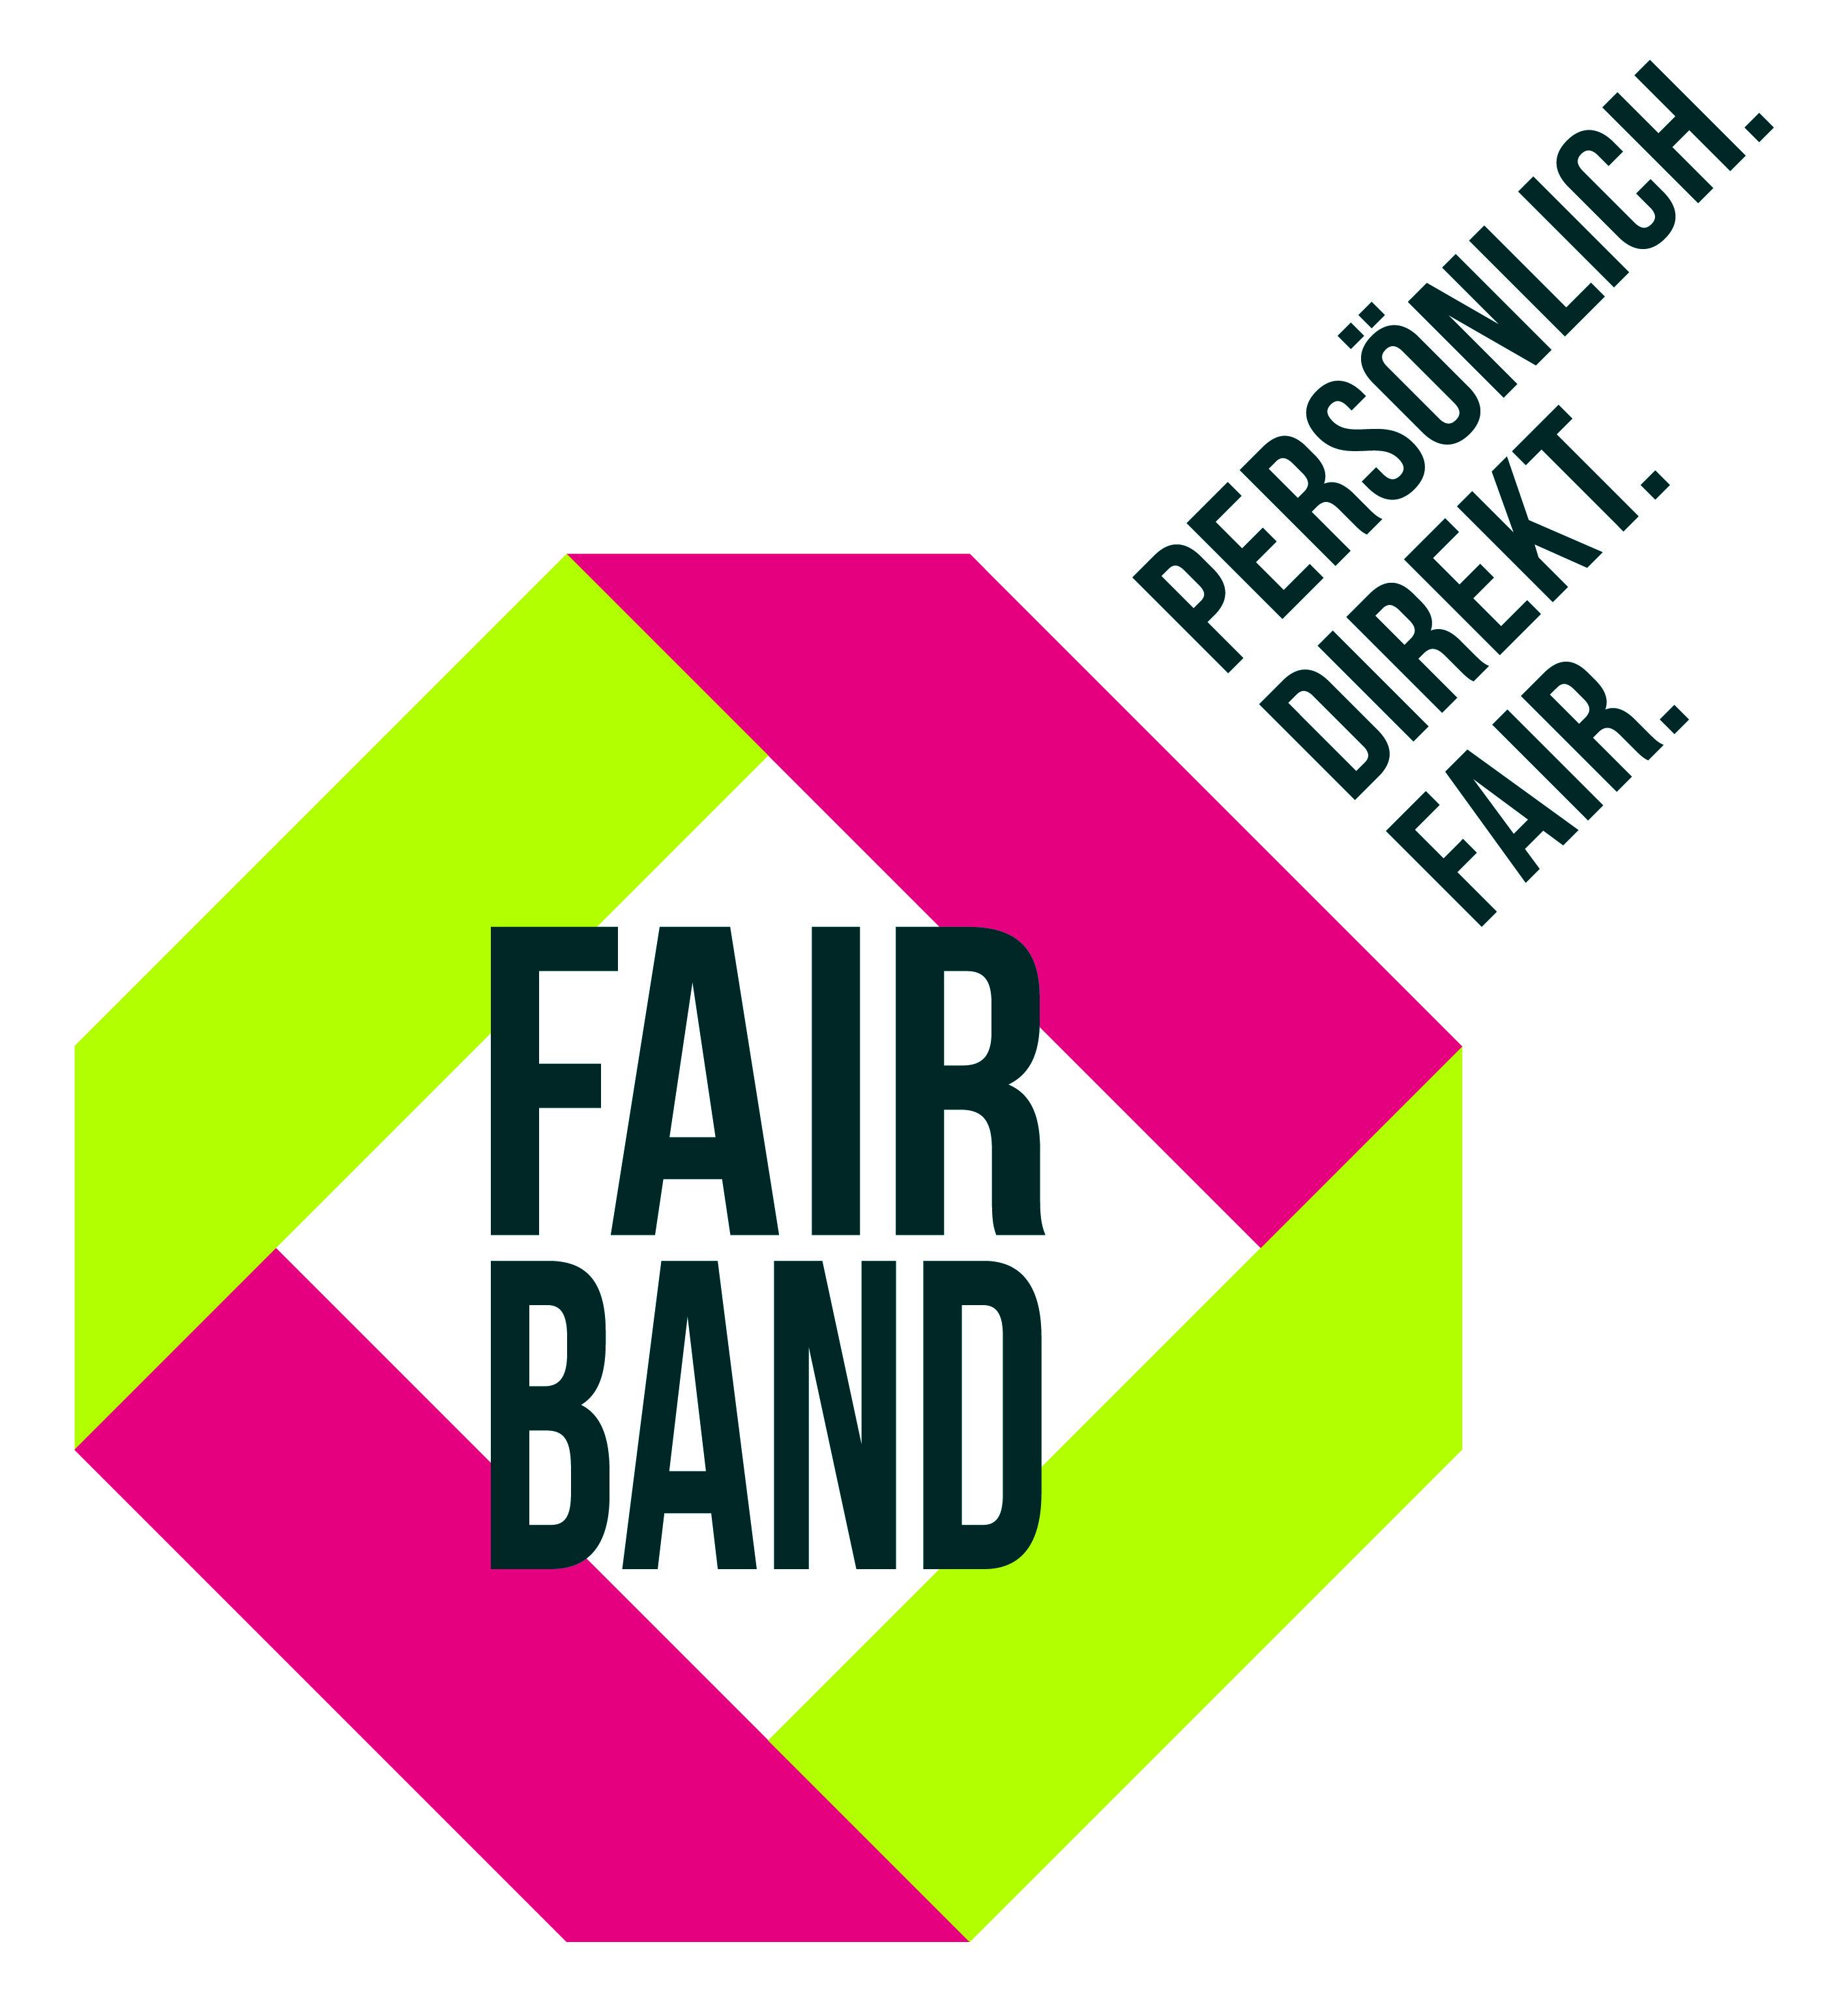 logo_fairband_mit-claim_vorabvariante546dbc792ac4d